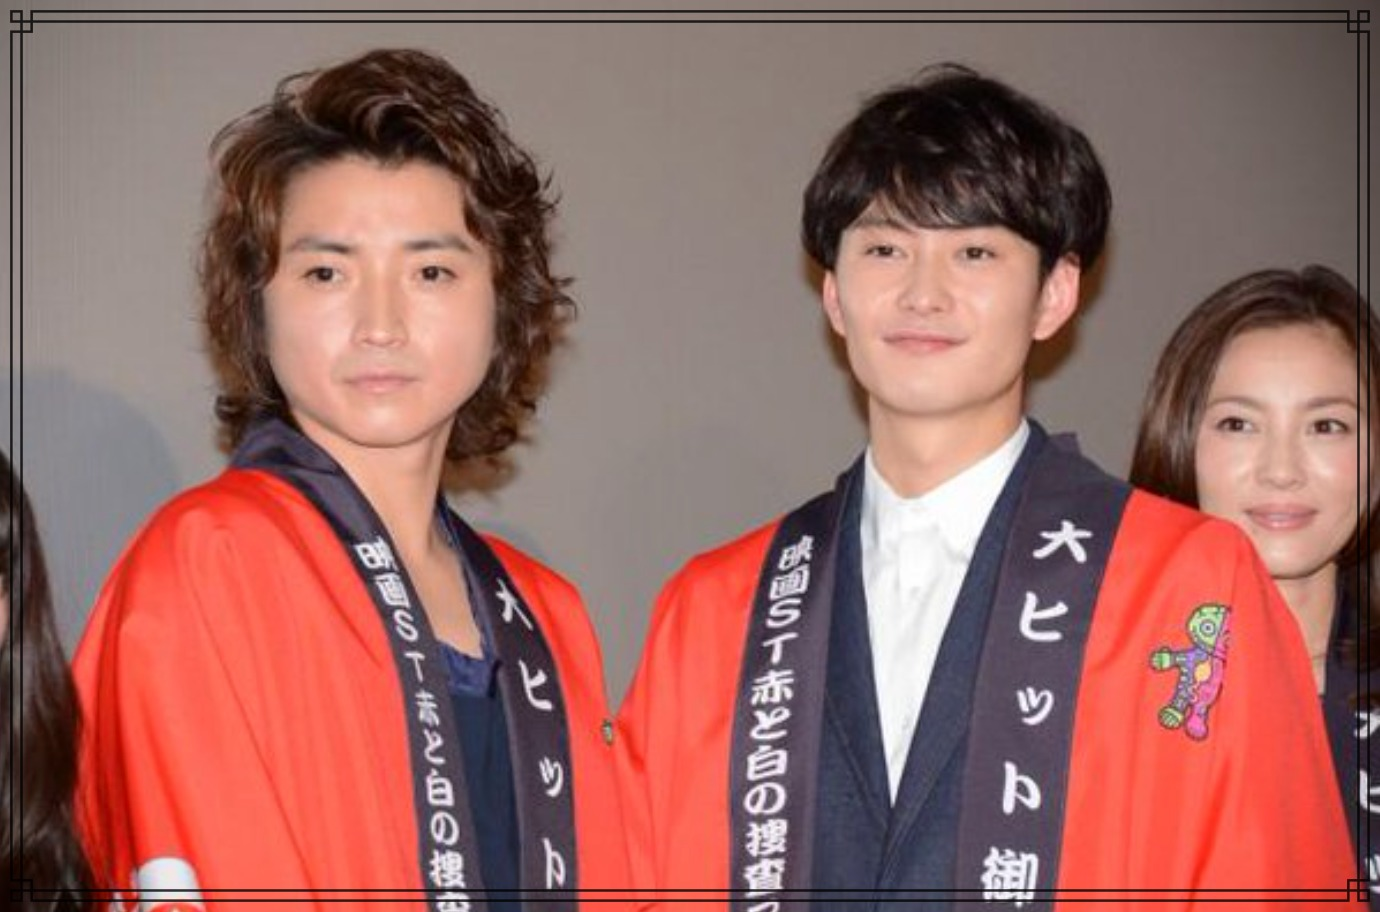 藤原竜也さんと岡田将生さんの画像